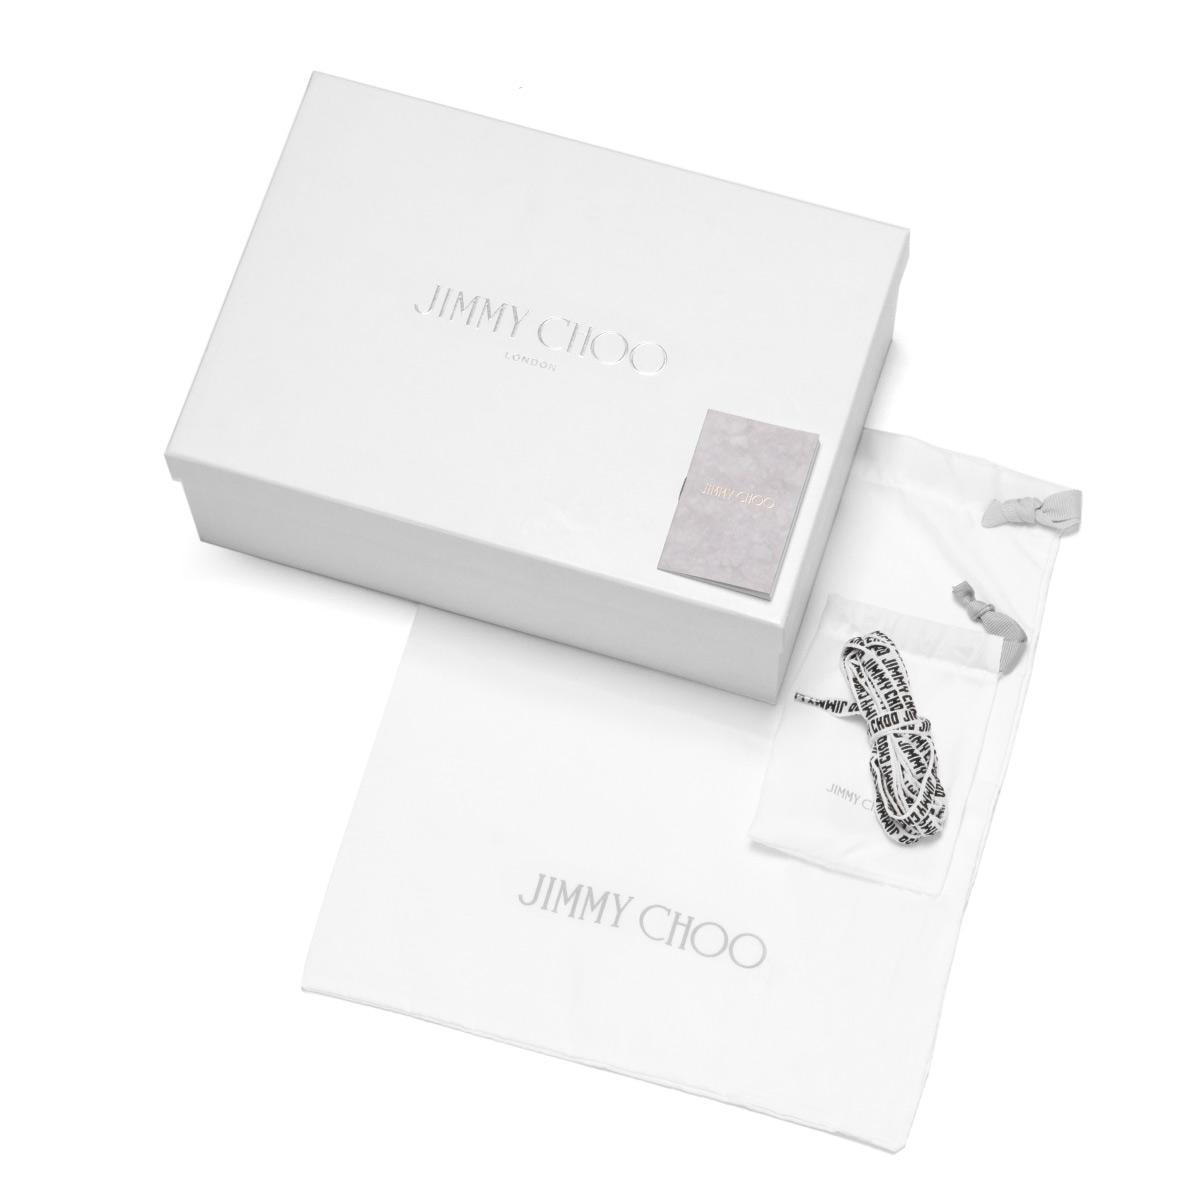 JIMMY CHOO ジミー チュウ | スニーカー | HAWAII ハワイ